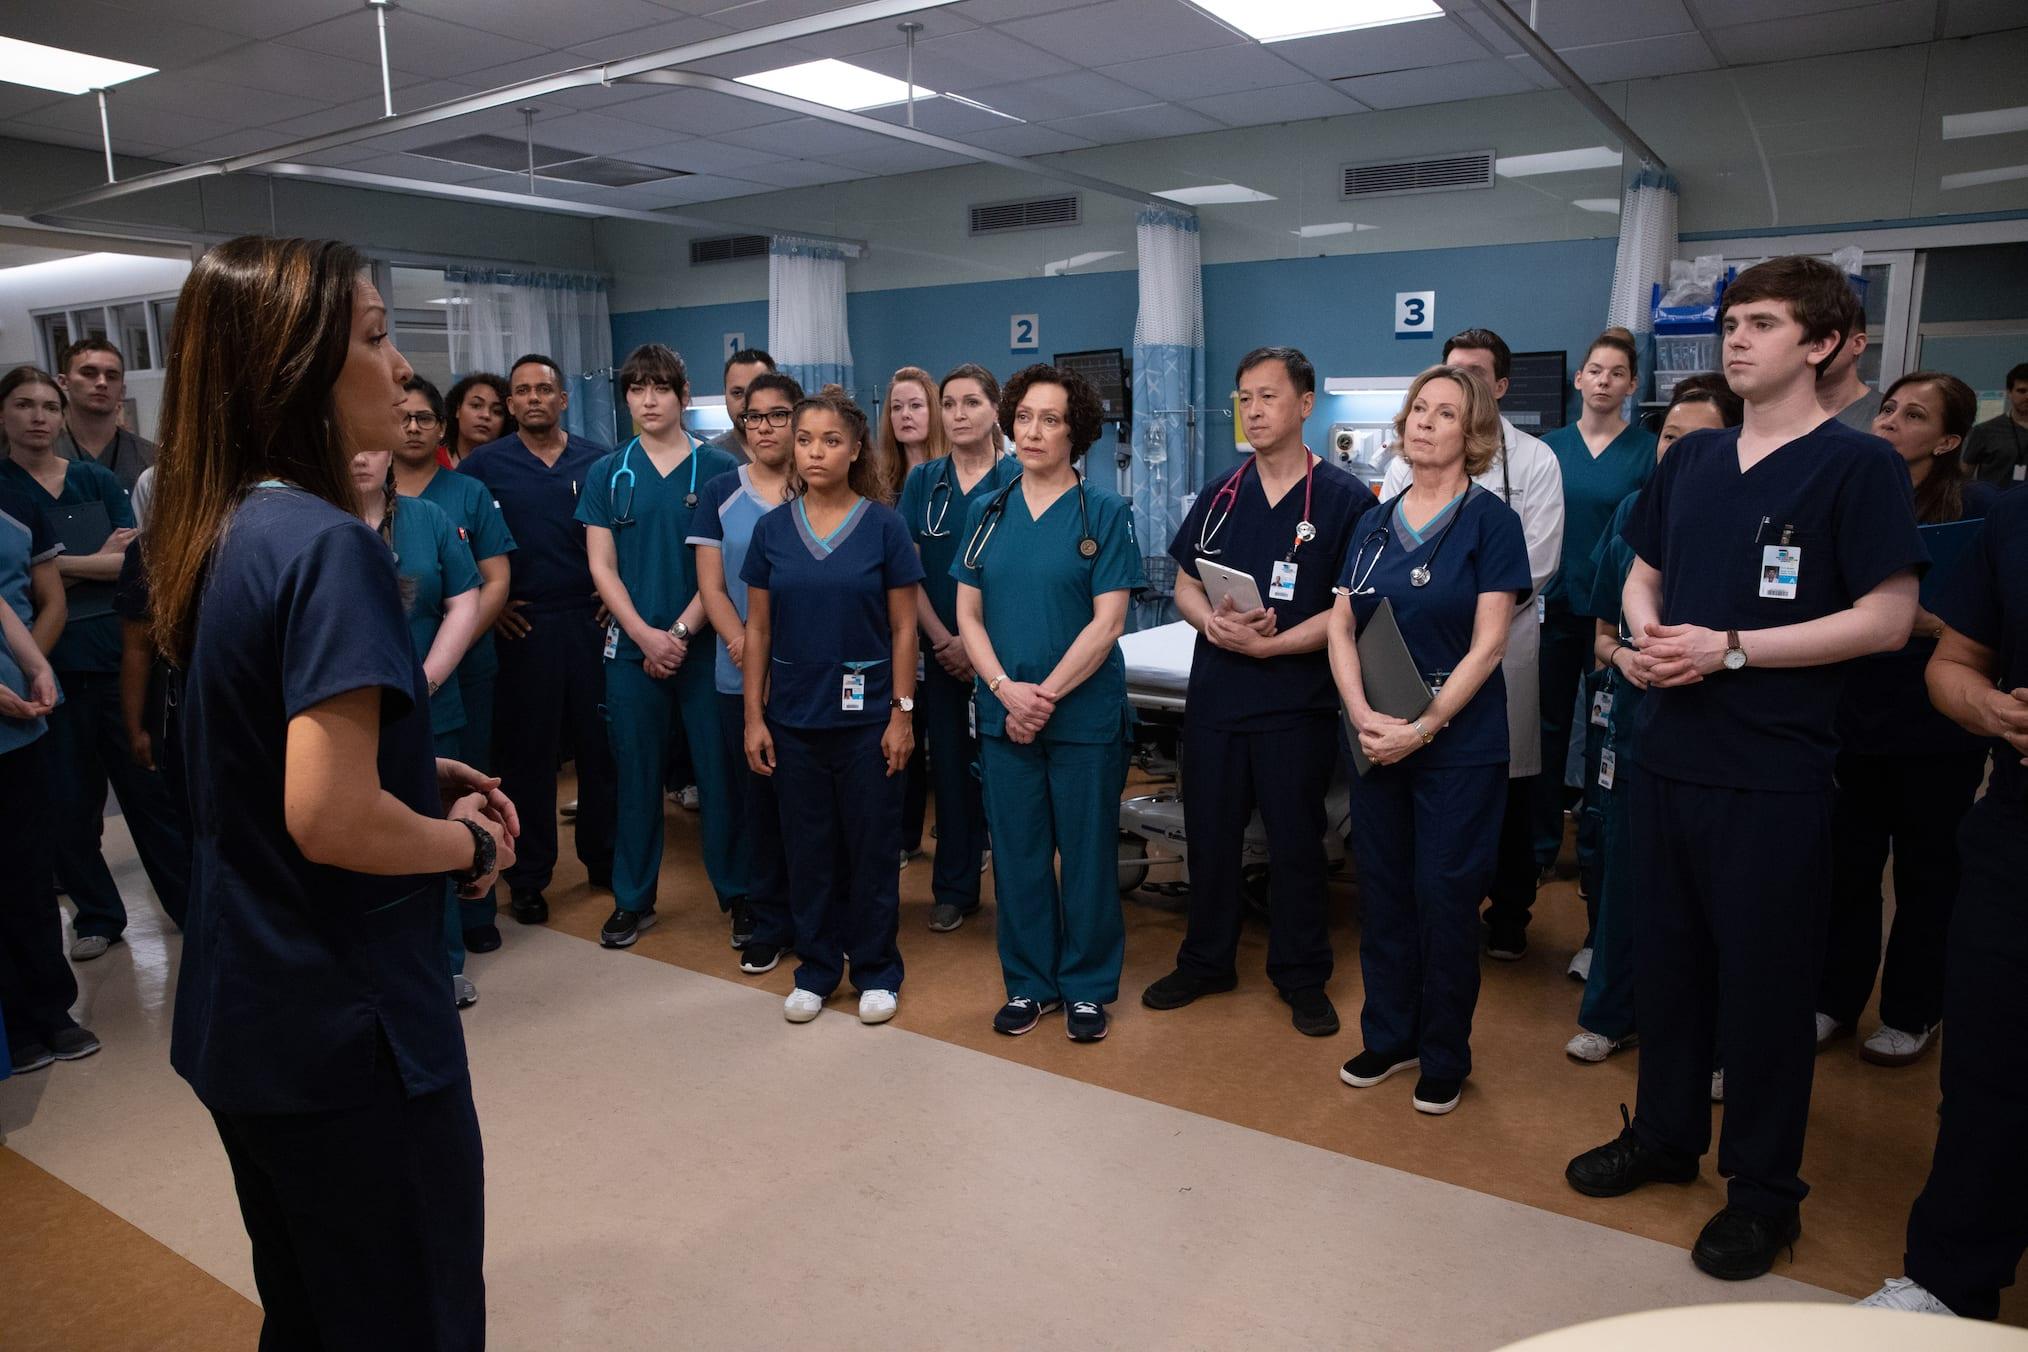 The Good Doctor_Season 4_Episode 10_26032021_